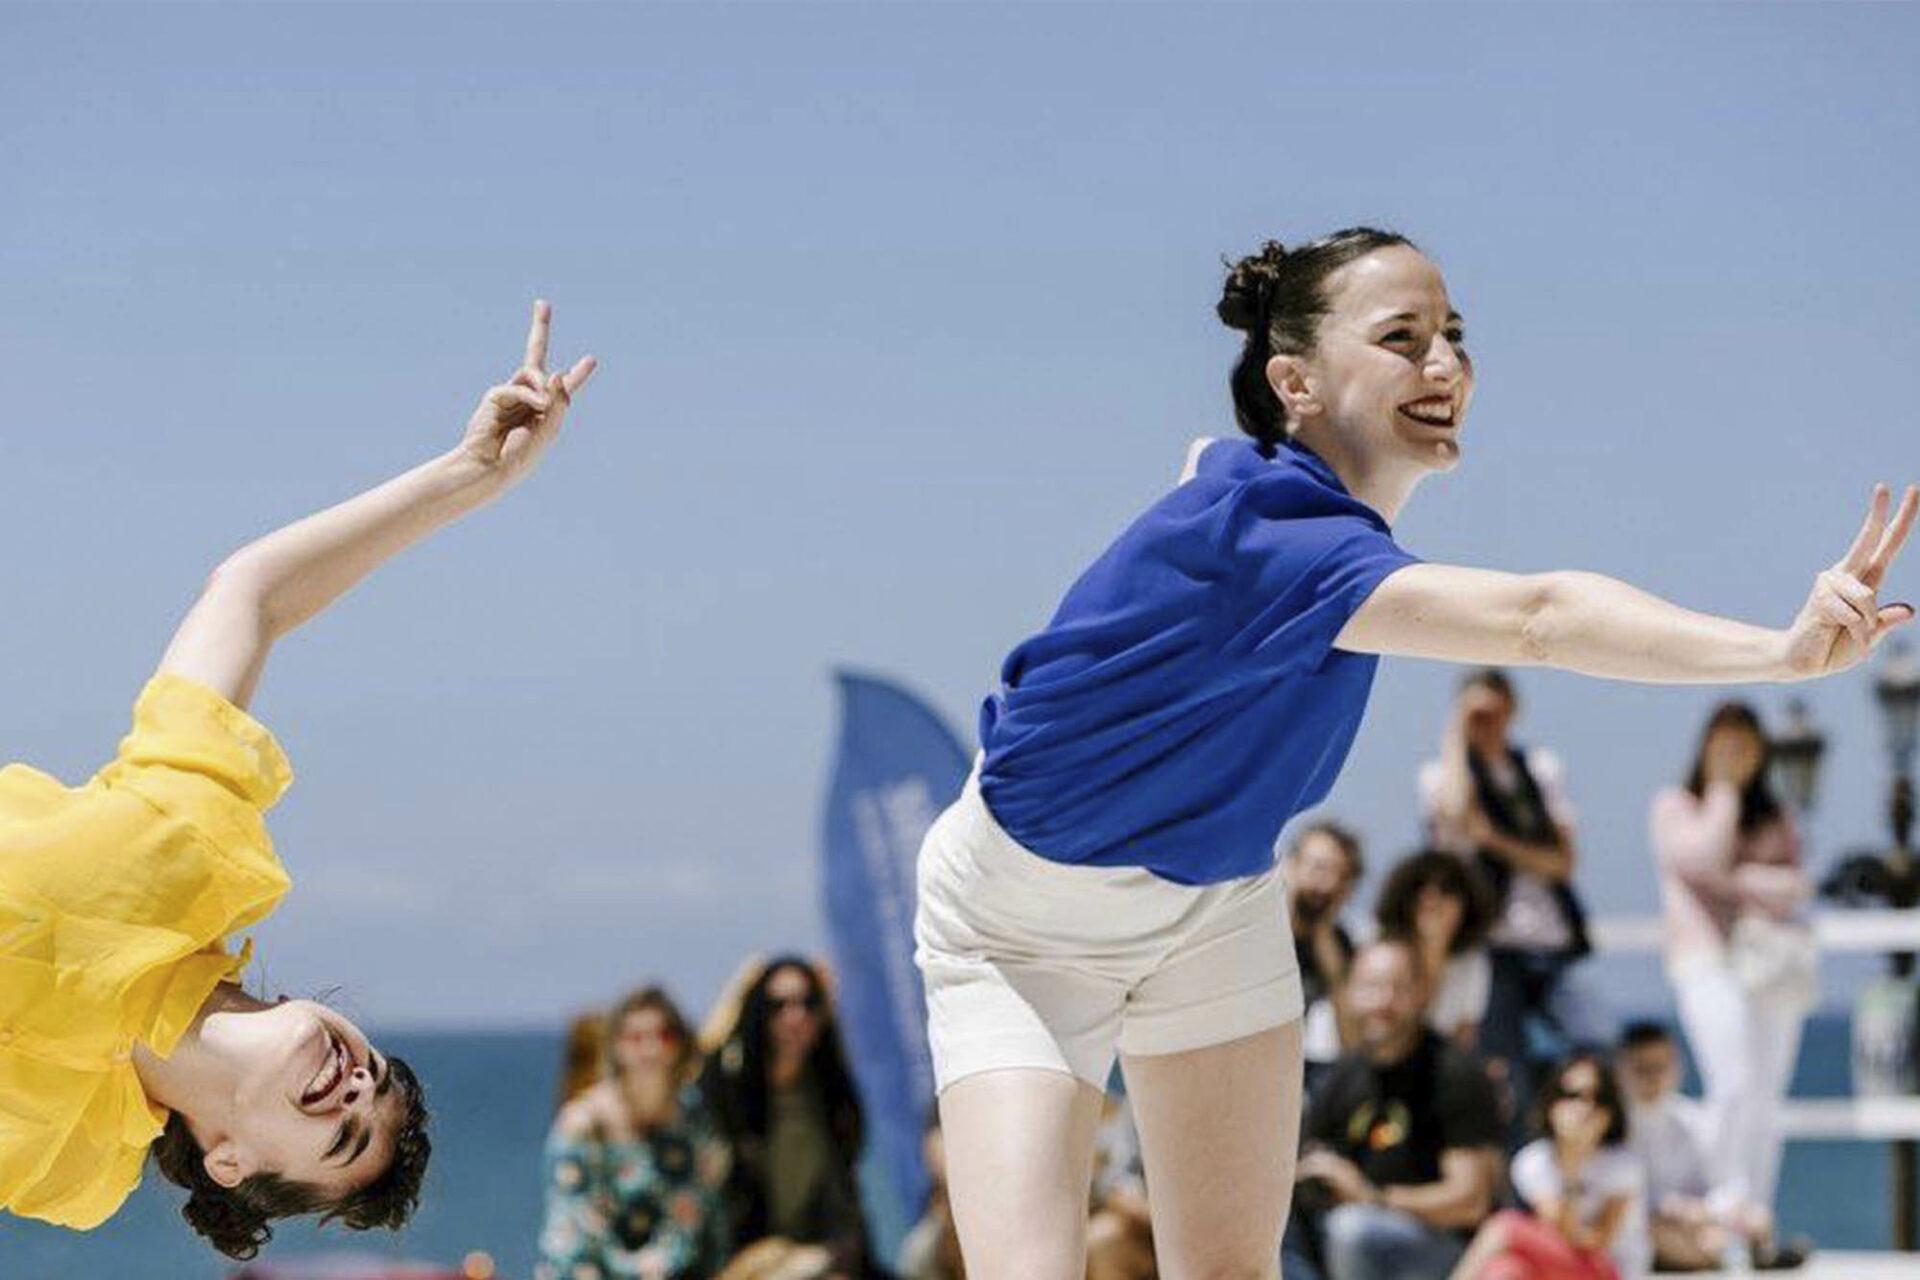 Inclusive SatSant SatSant All All Andreu Teatre Inclusive All Inclusive Teatre Andreu f76bYyvmIg